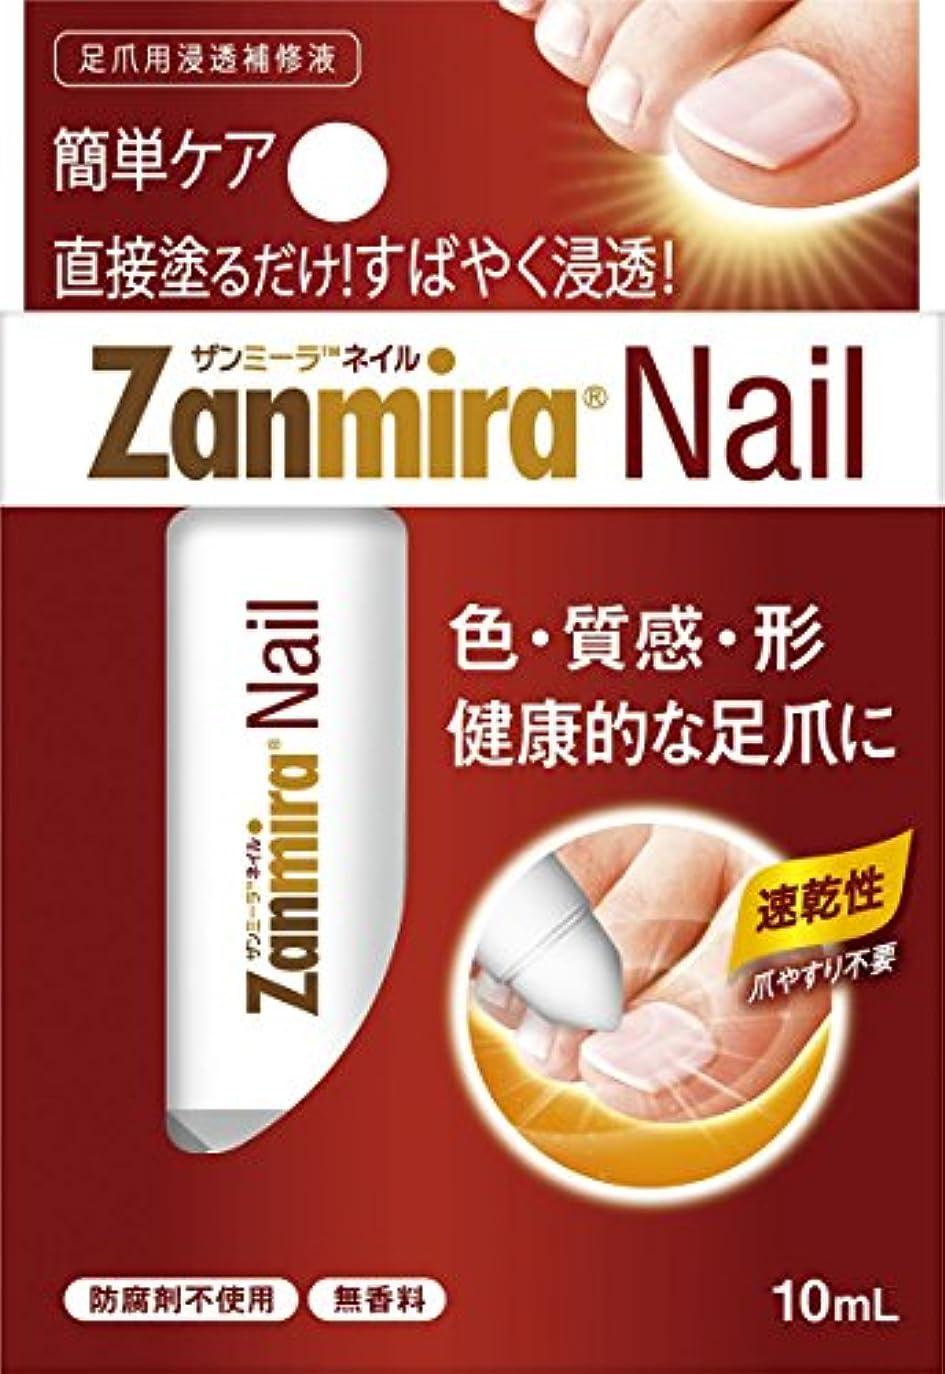 小道具デザイナー高度ザンミーラ ネイル Zanmira Nail 10ml 足爪用浸透補修液